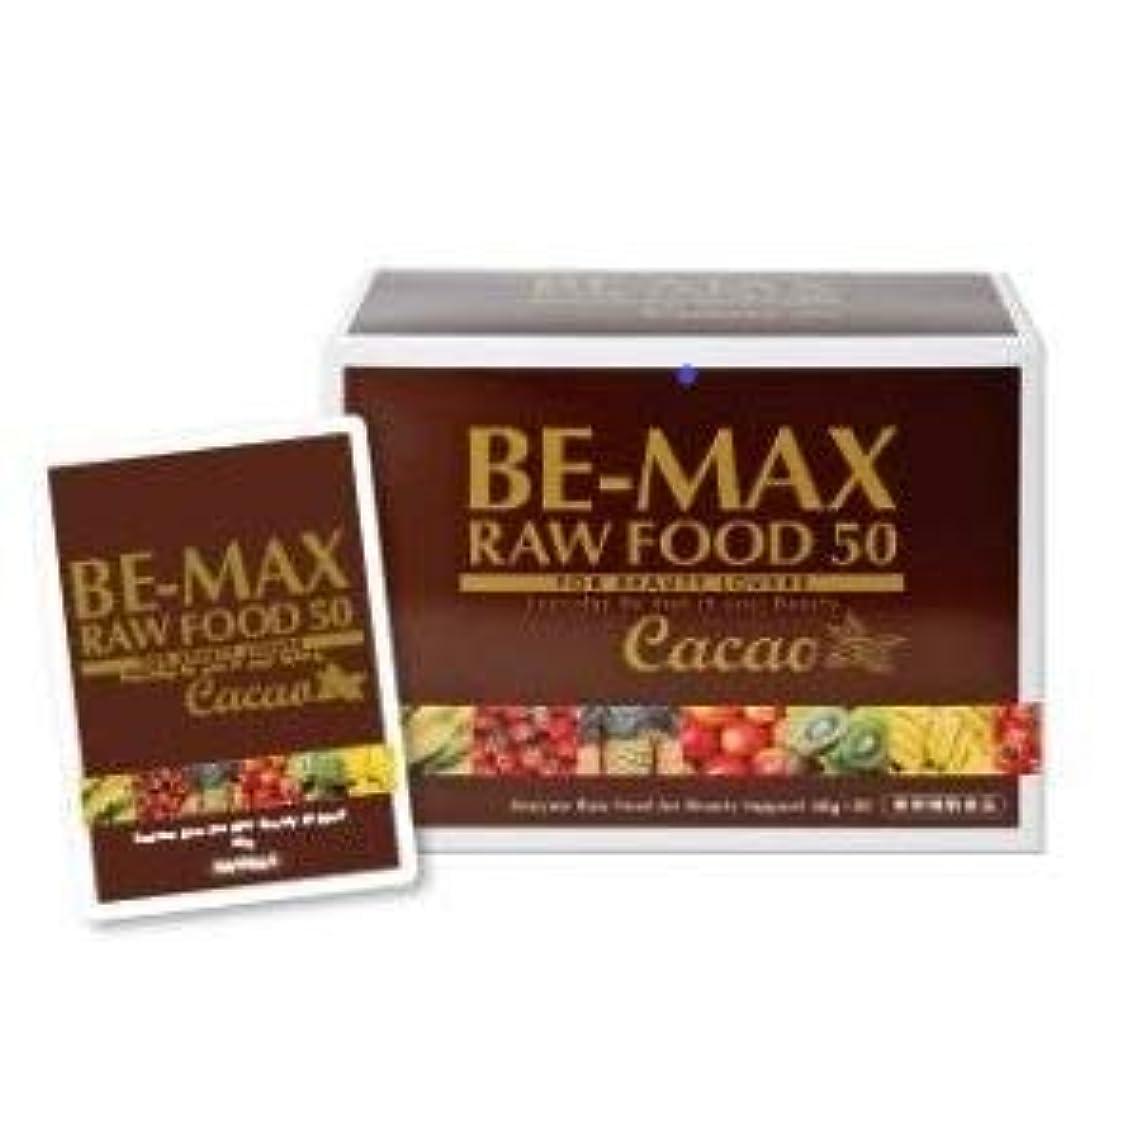 労苦カートリッジ描写BE-MAX RAW FOOD 50 Cacao ローフード 50 カカオ